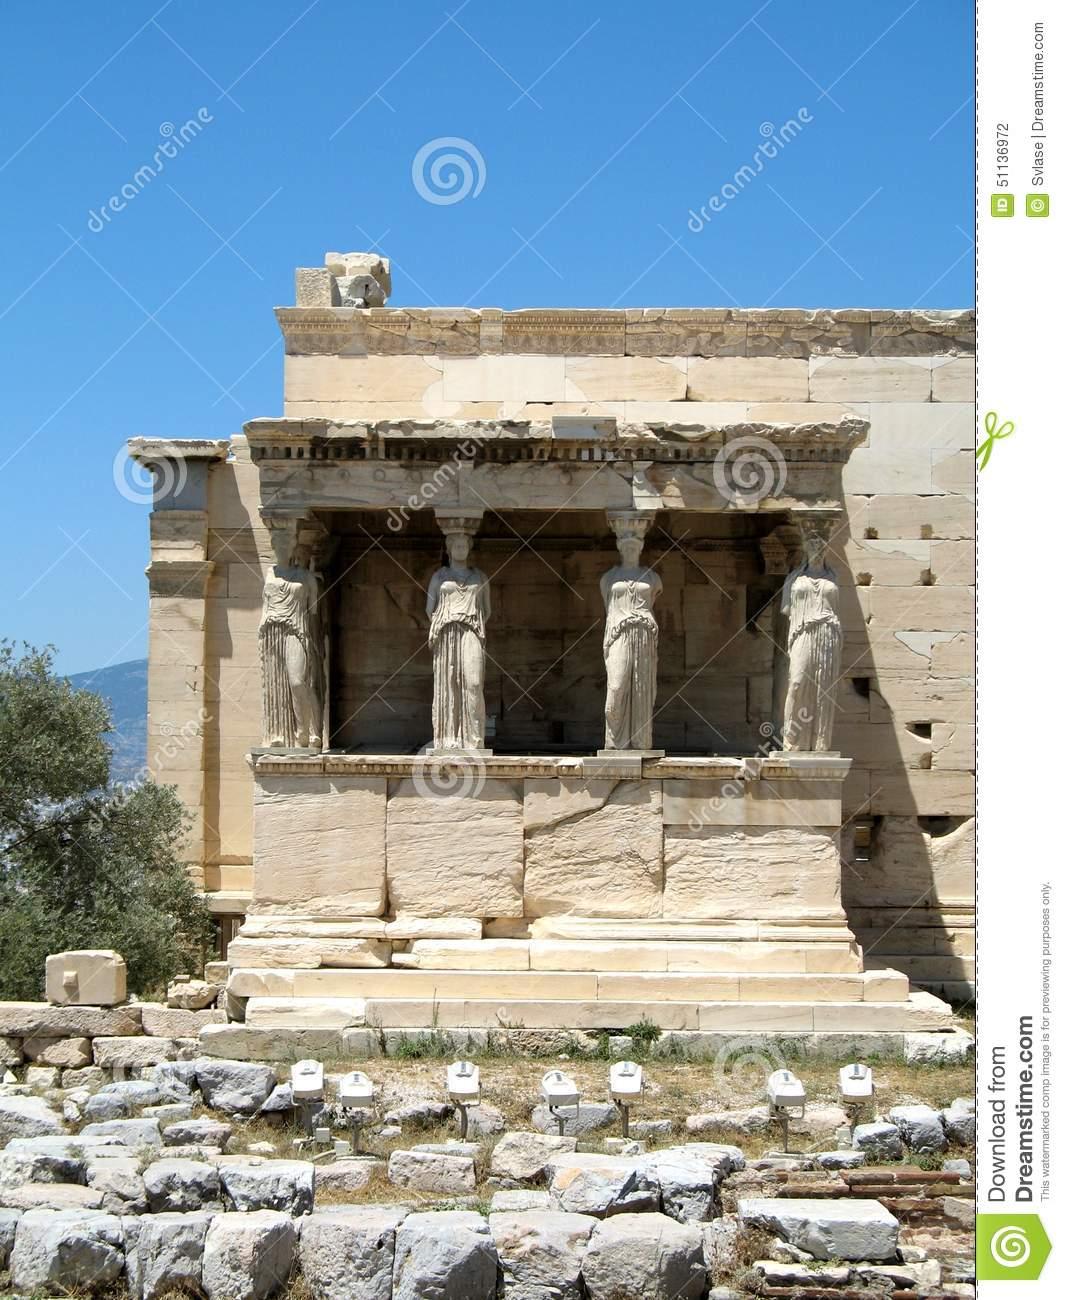 Temple Of Athena Nike, Acropolis Of Athens, Greece 3 Stock Photo.